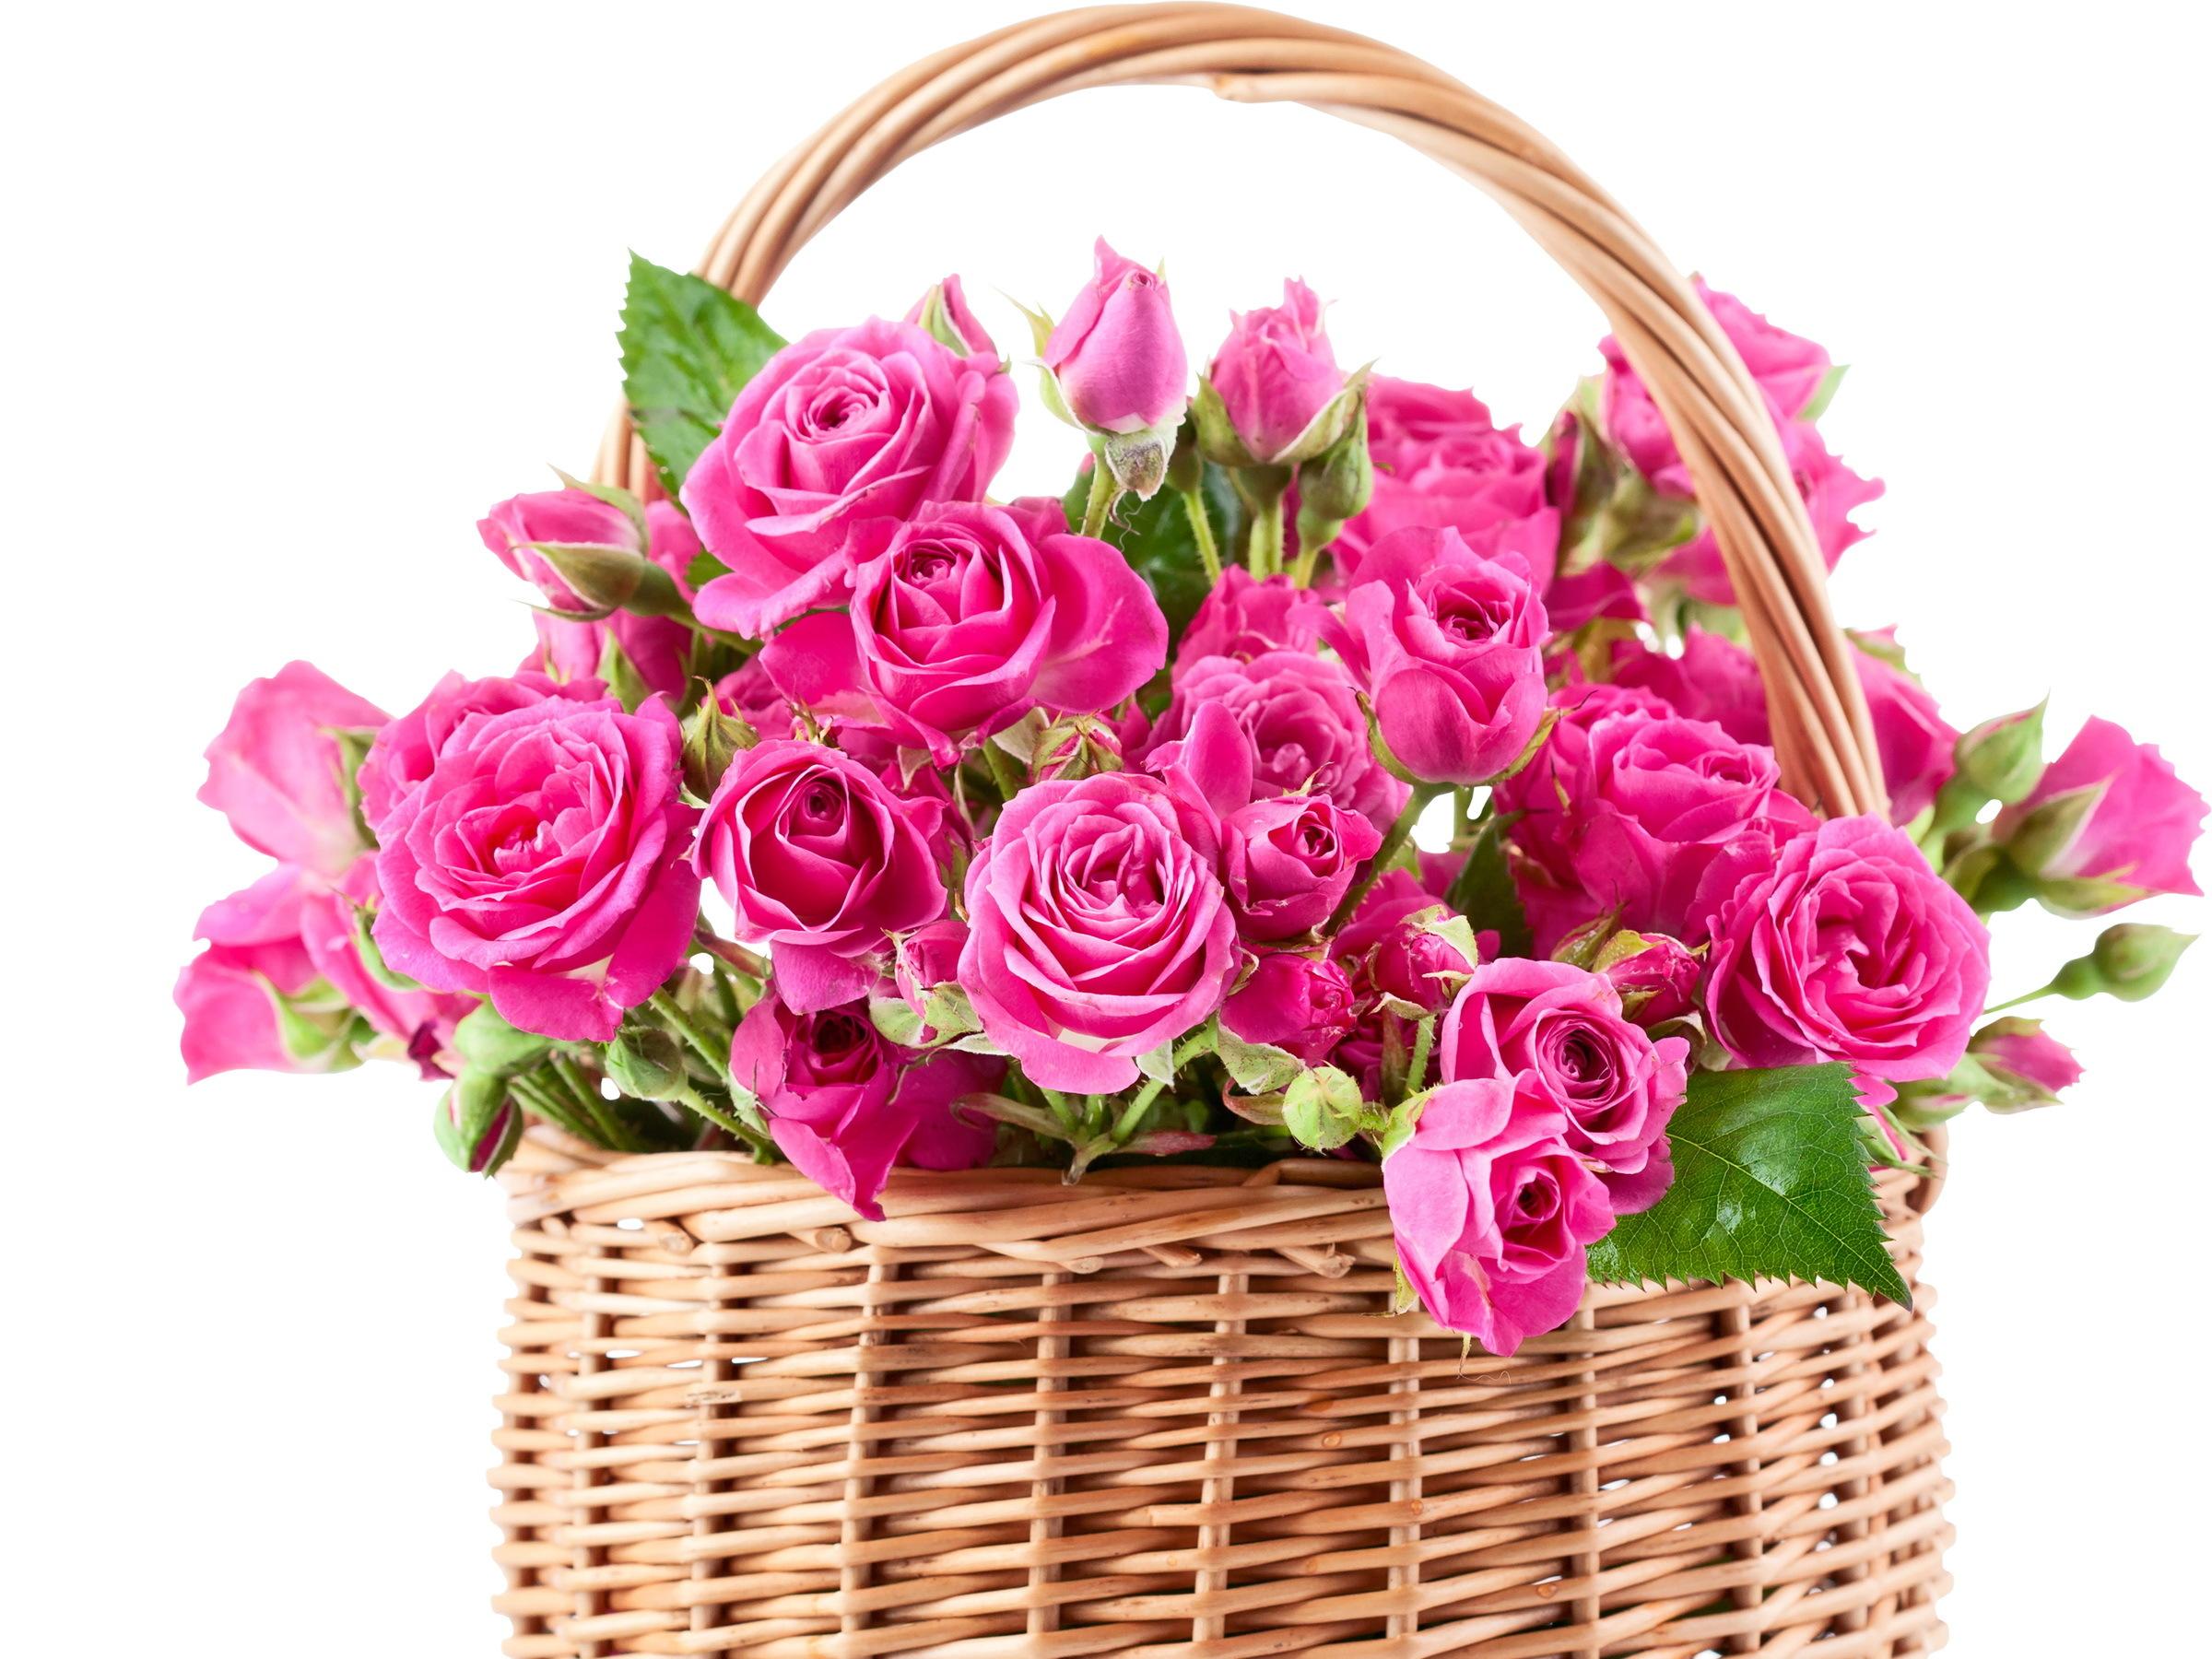 Цветы в корзине картинки красивые, поздравление свадьбой